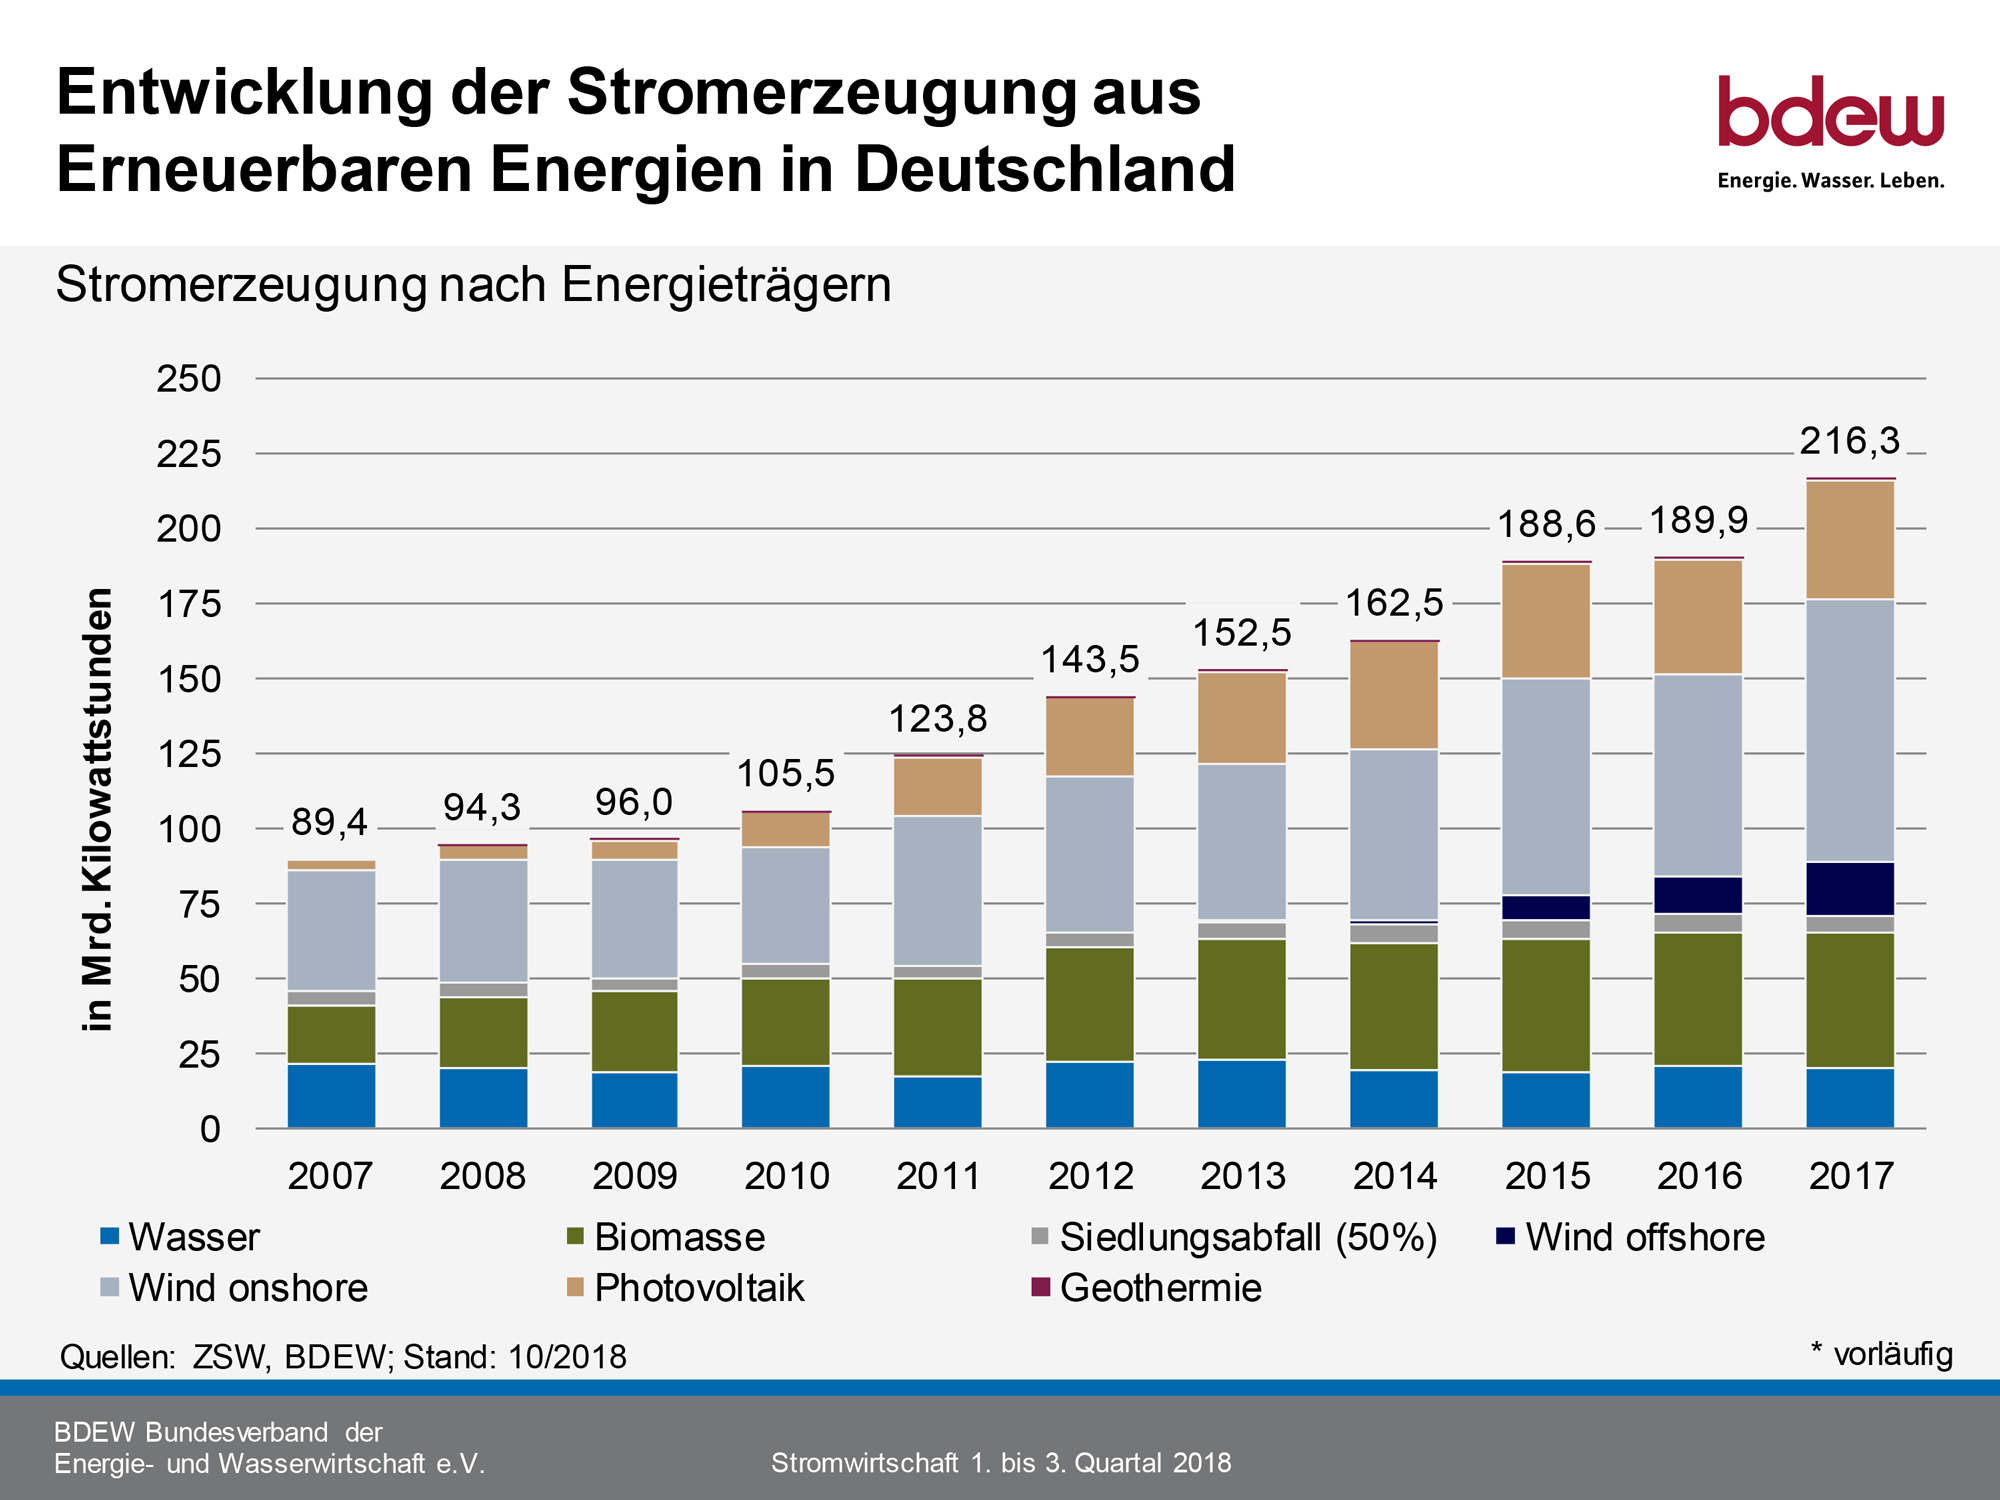 Erneurbare-Energien-Entwicklung-Stromerzeugung-Deutschland-3-2018